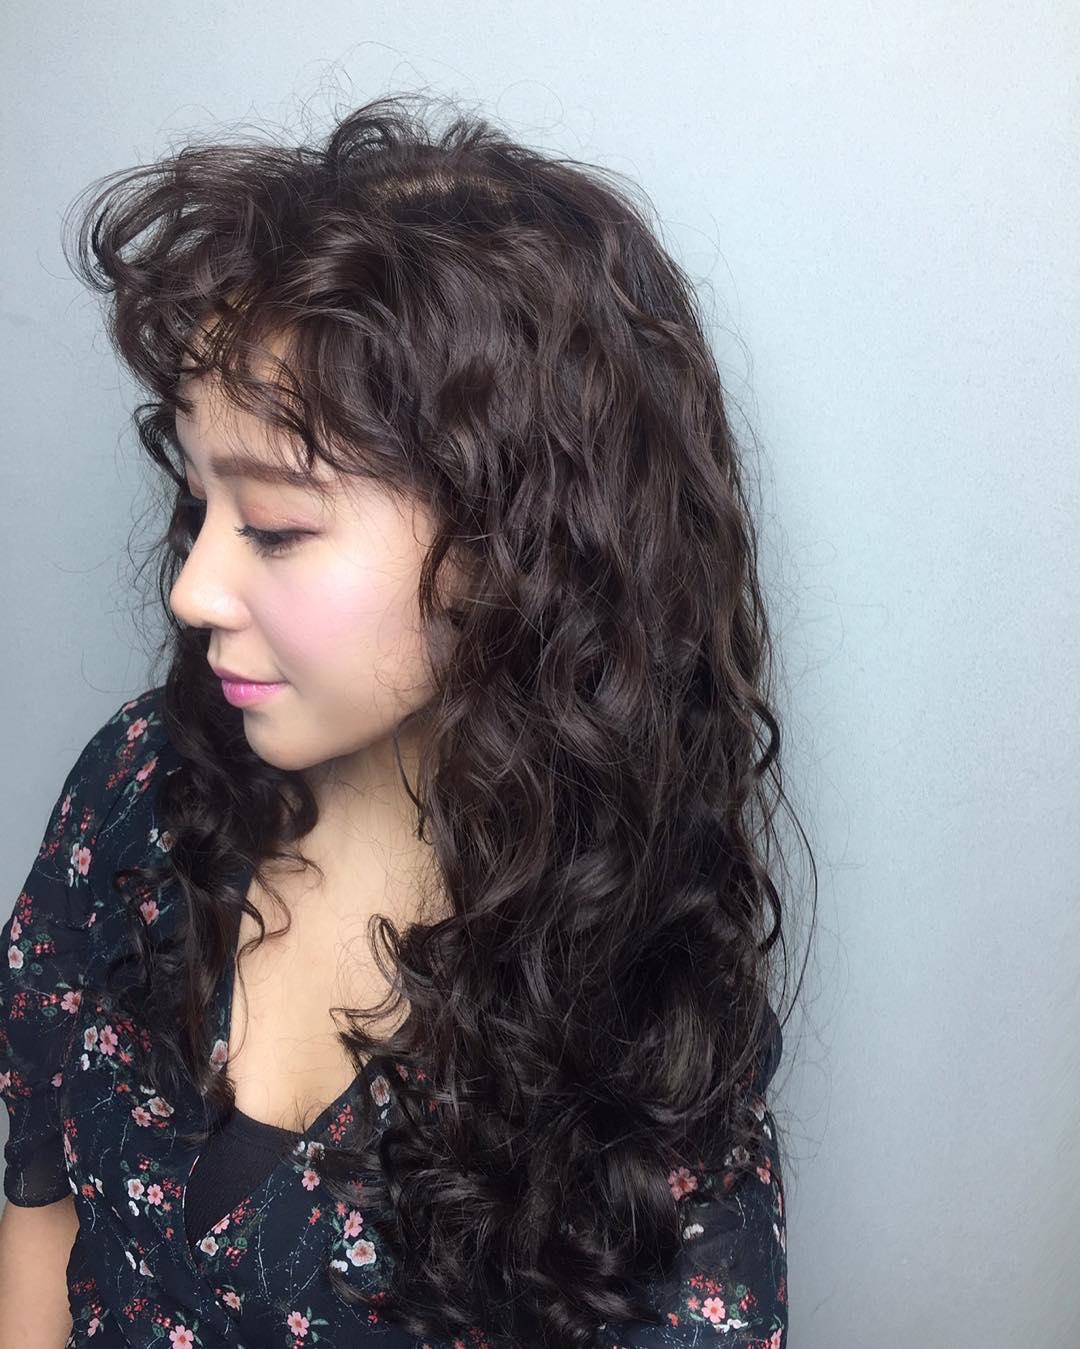 Tóc uốn bị xù phải làm sao? Làm thế nào để tóc không bị bông xù khô xơ?